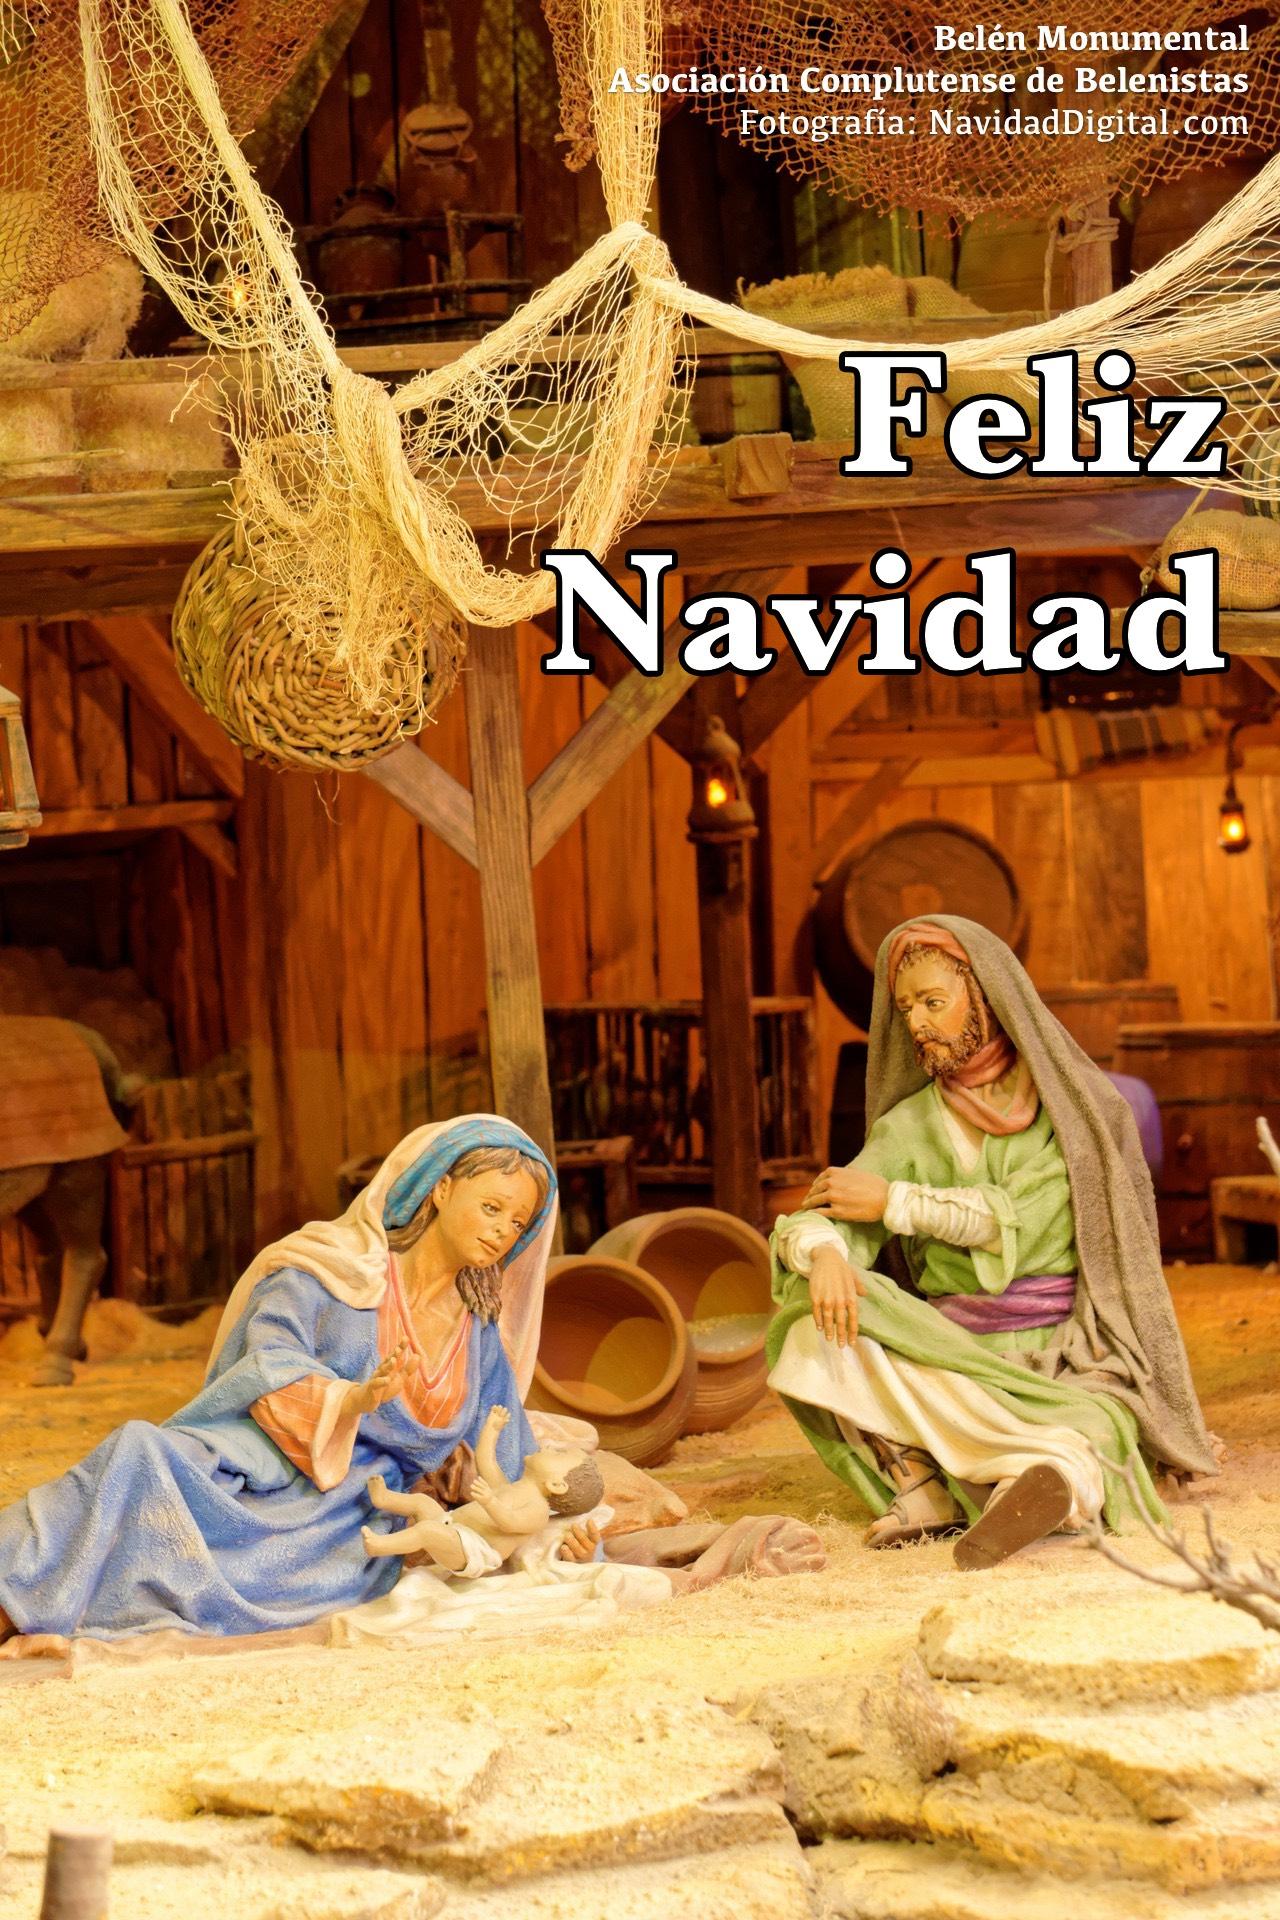 Diciembre 2015 el blog de navidad digital - Nacimiento para navidad ...